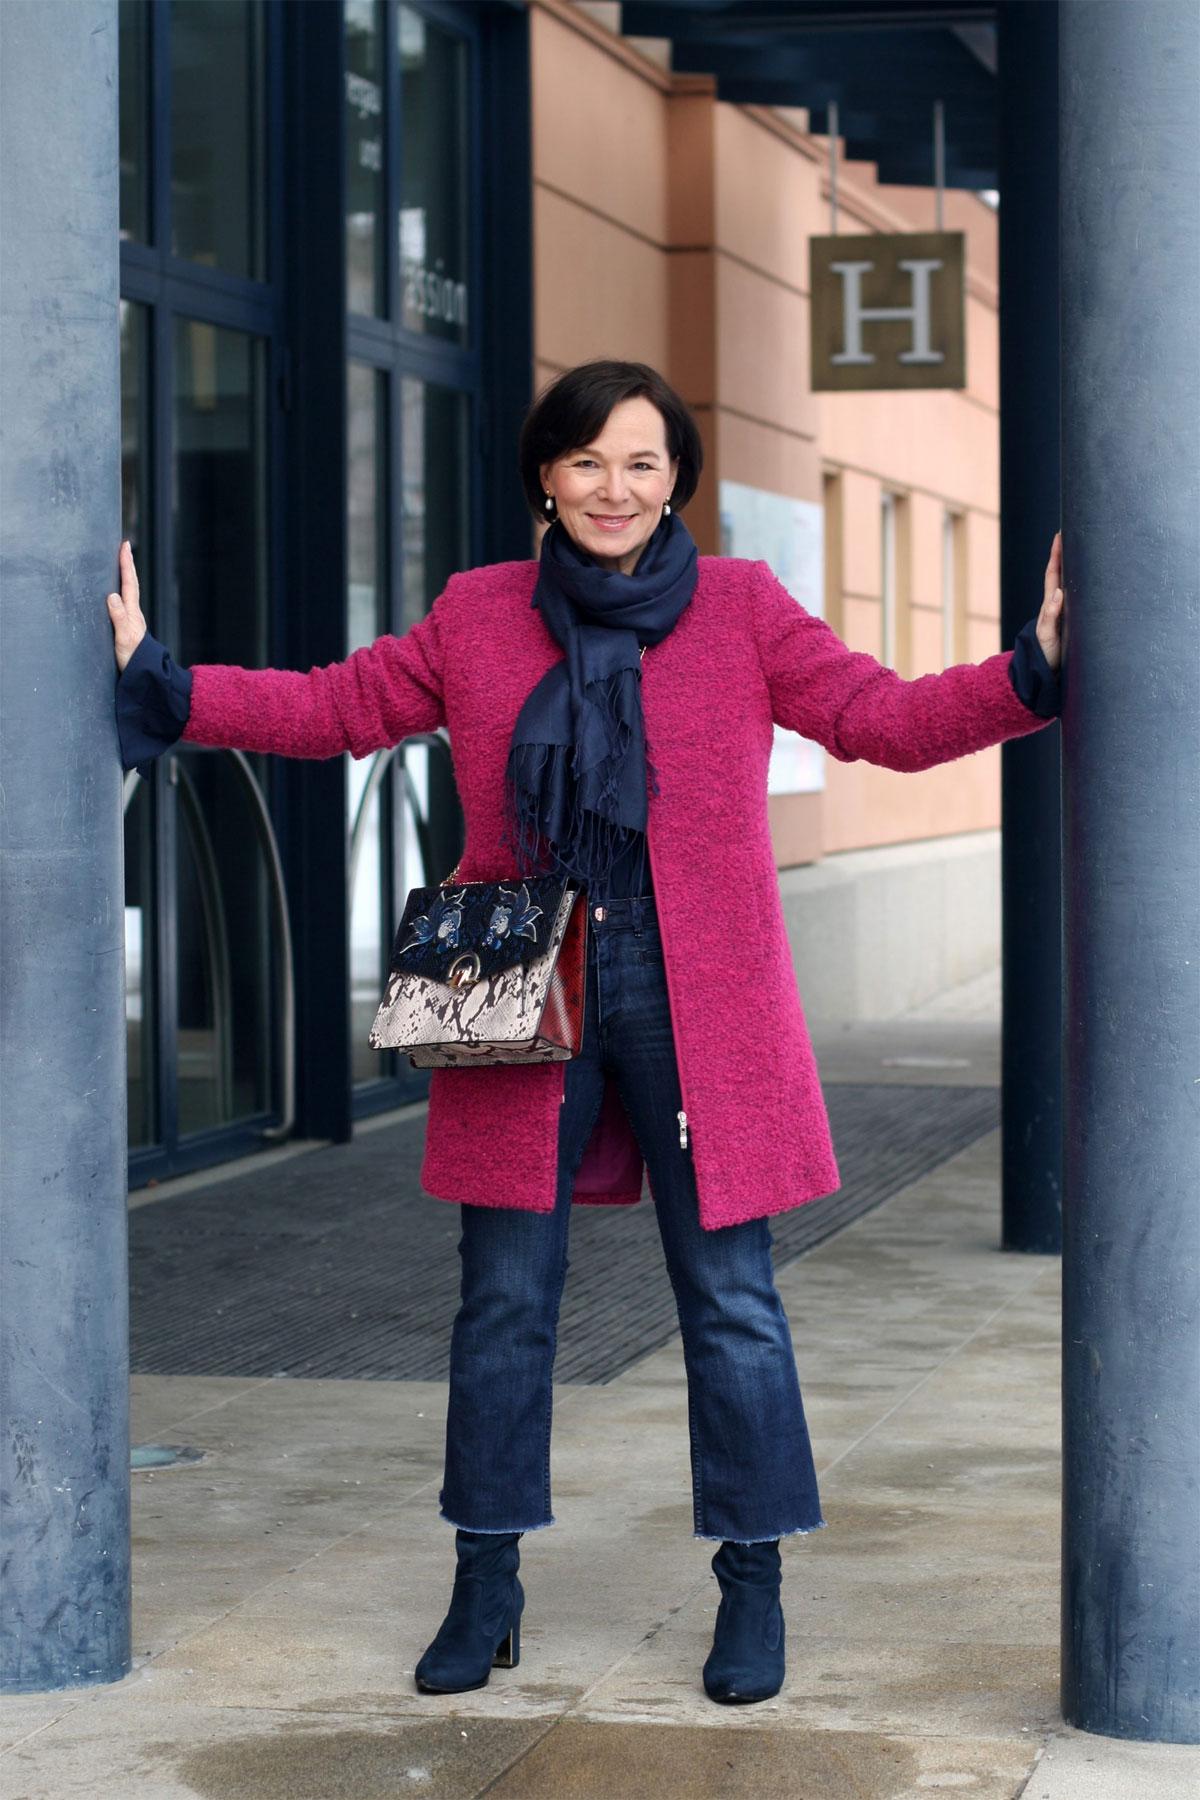 Annette Hoeldrich - 4